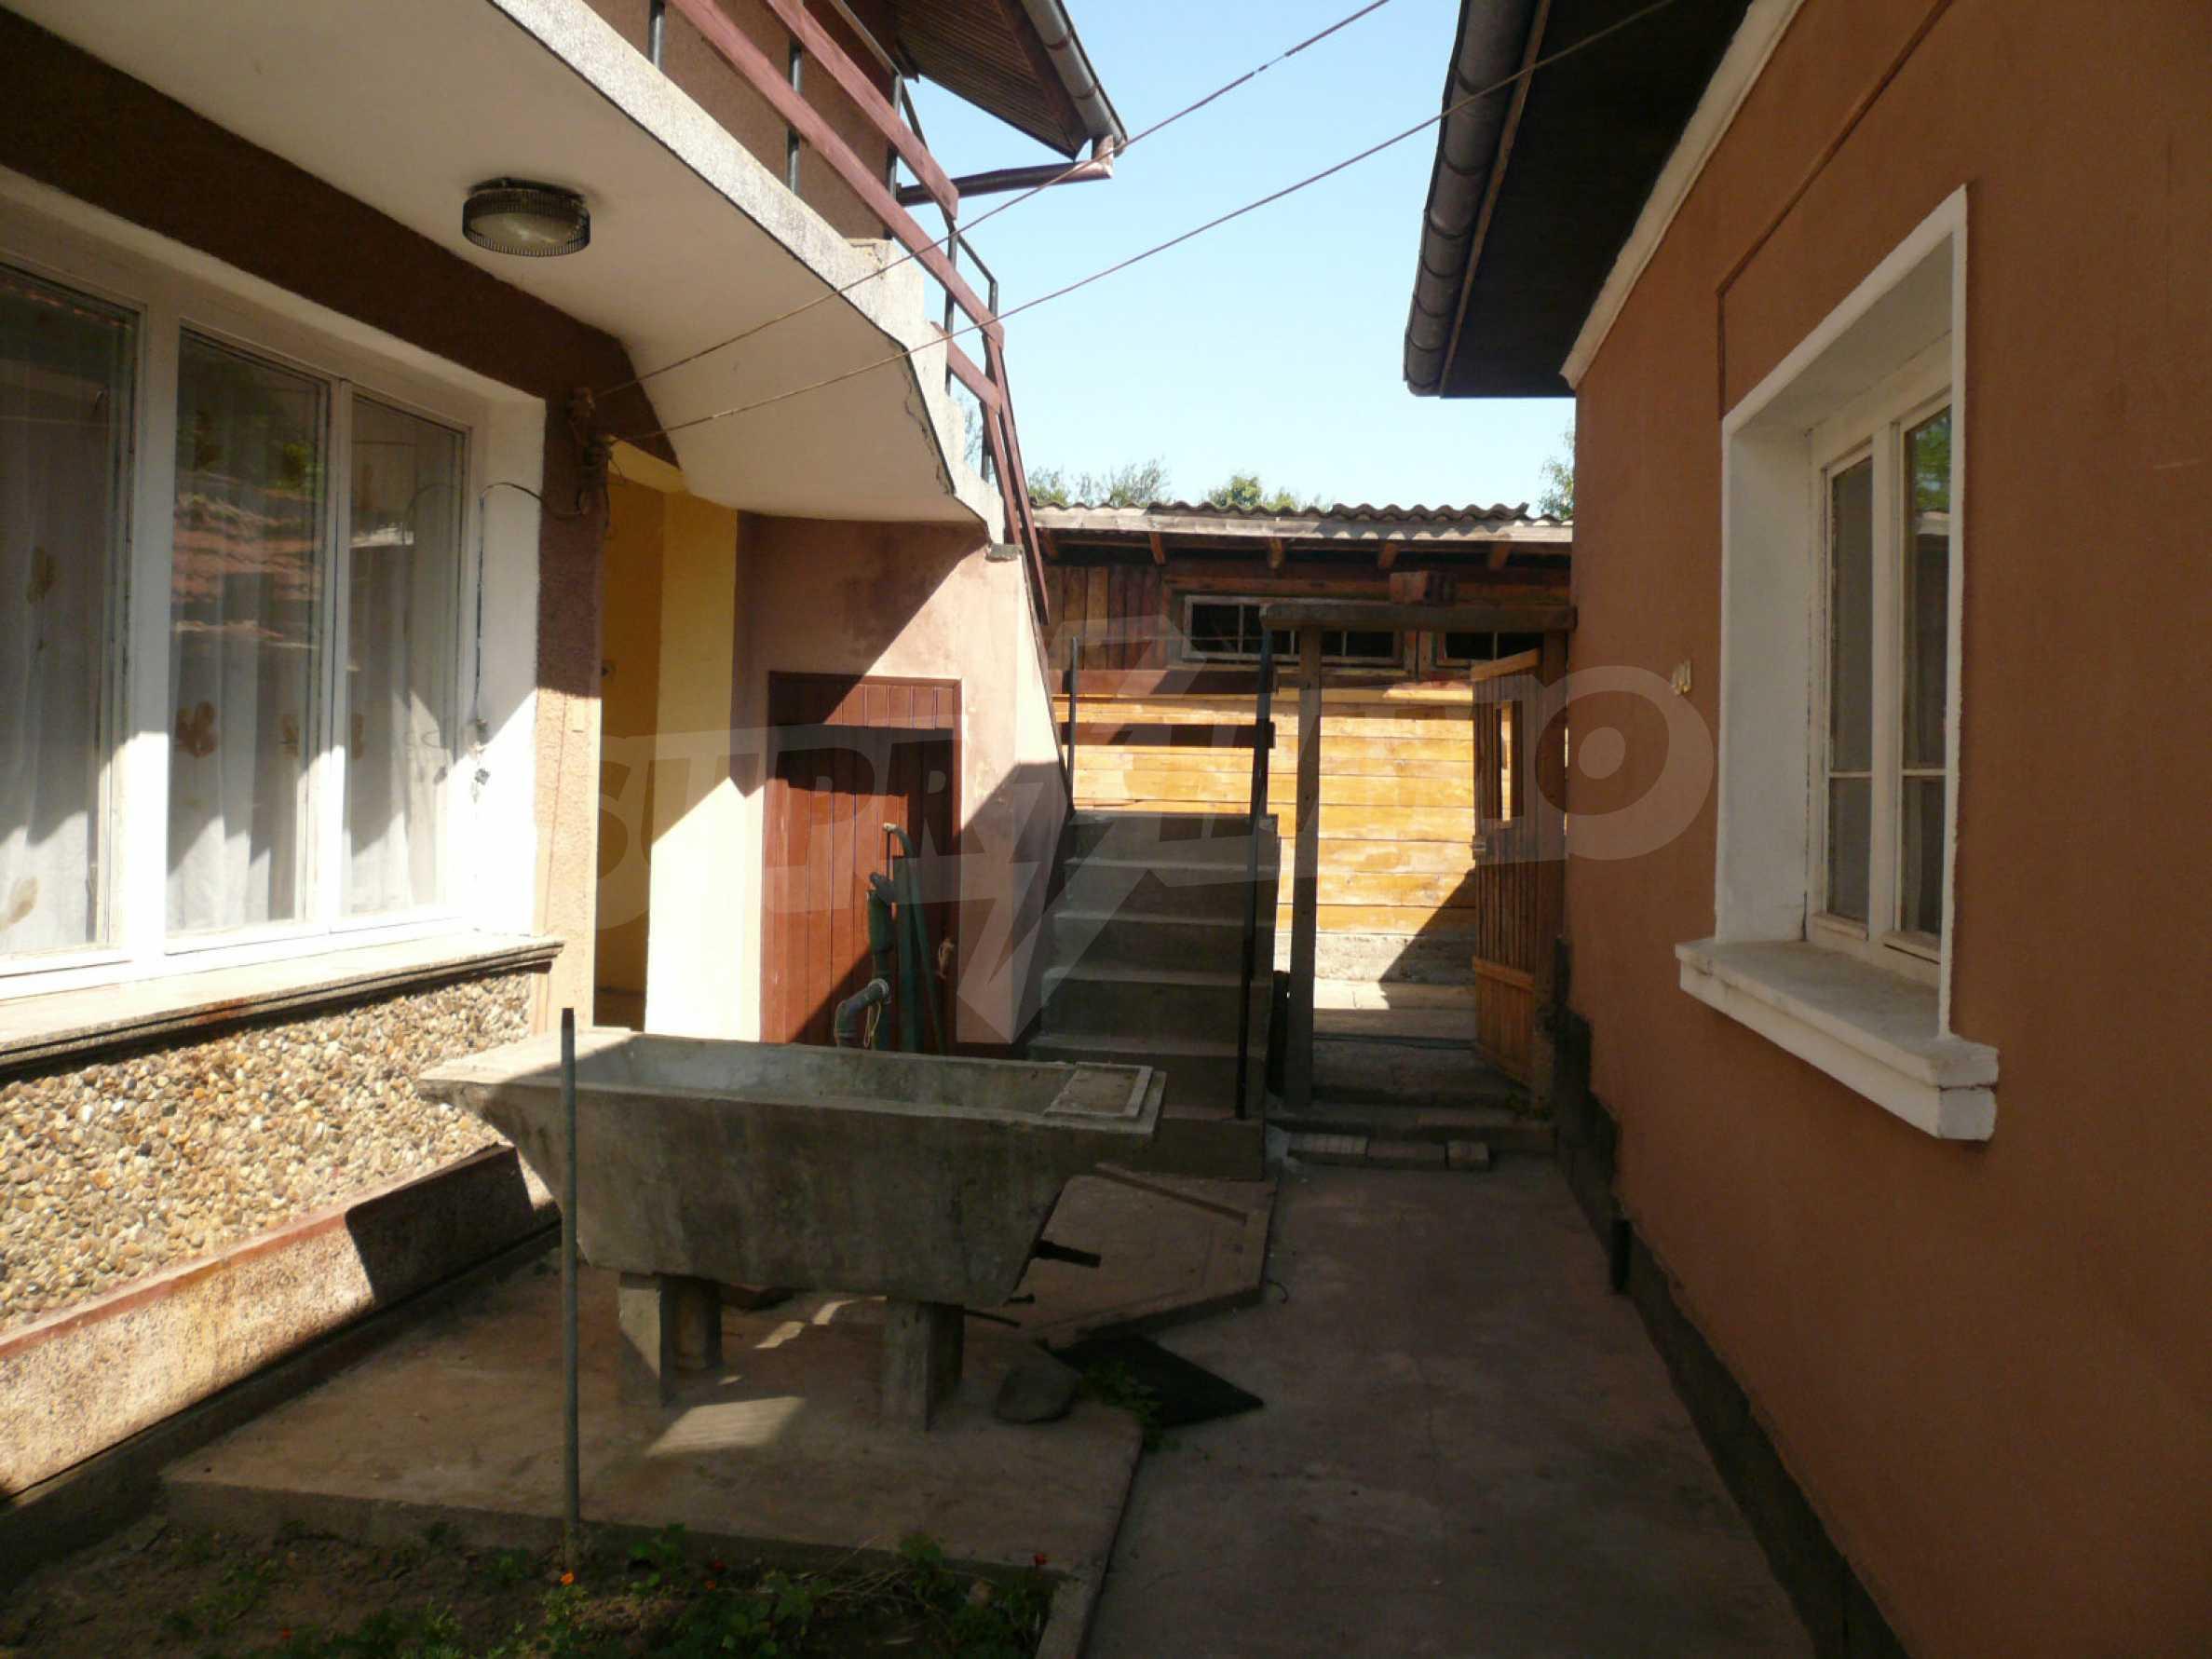 Ländliche Häuser mit einem Garten 12 km von Vidin entfernt 20